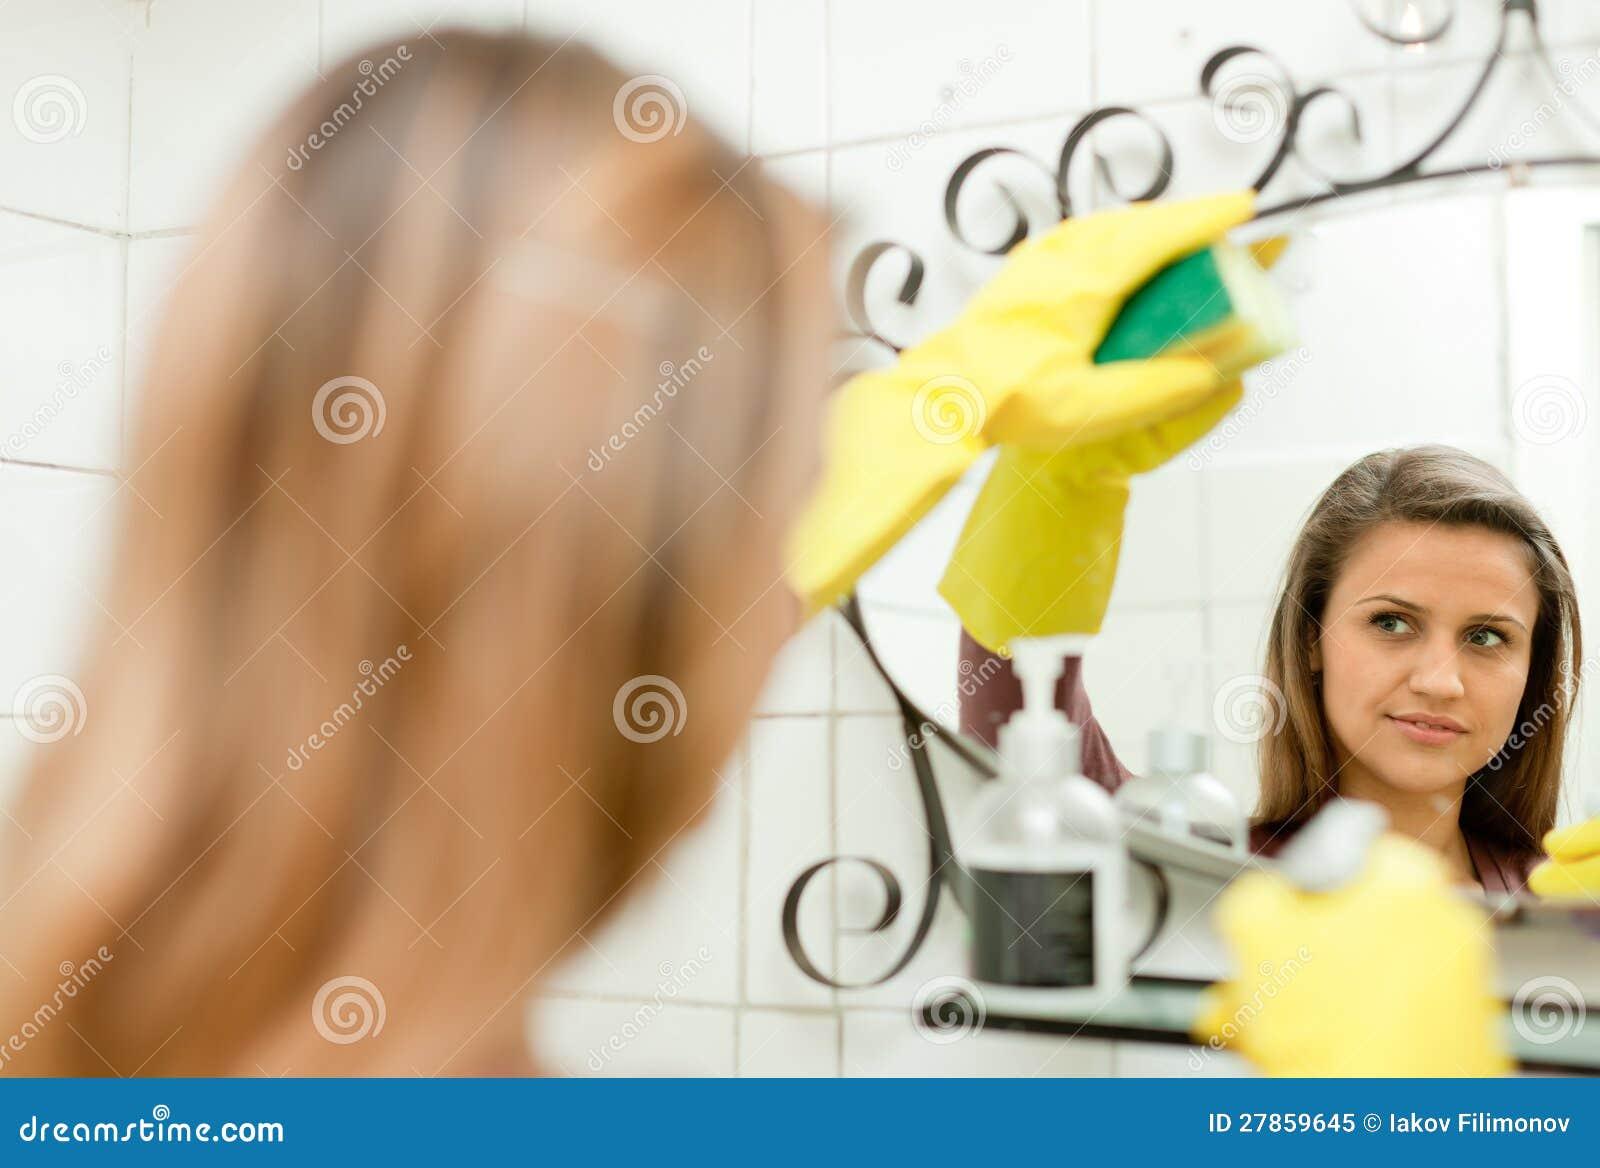 Kobiety cleaning lustro w łazience